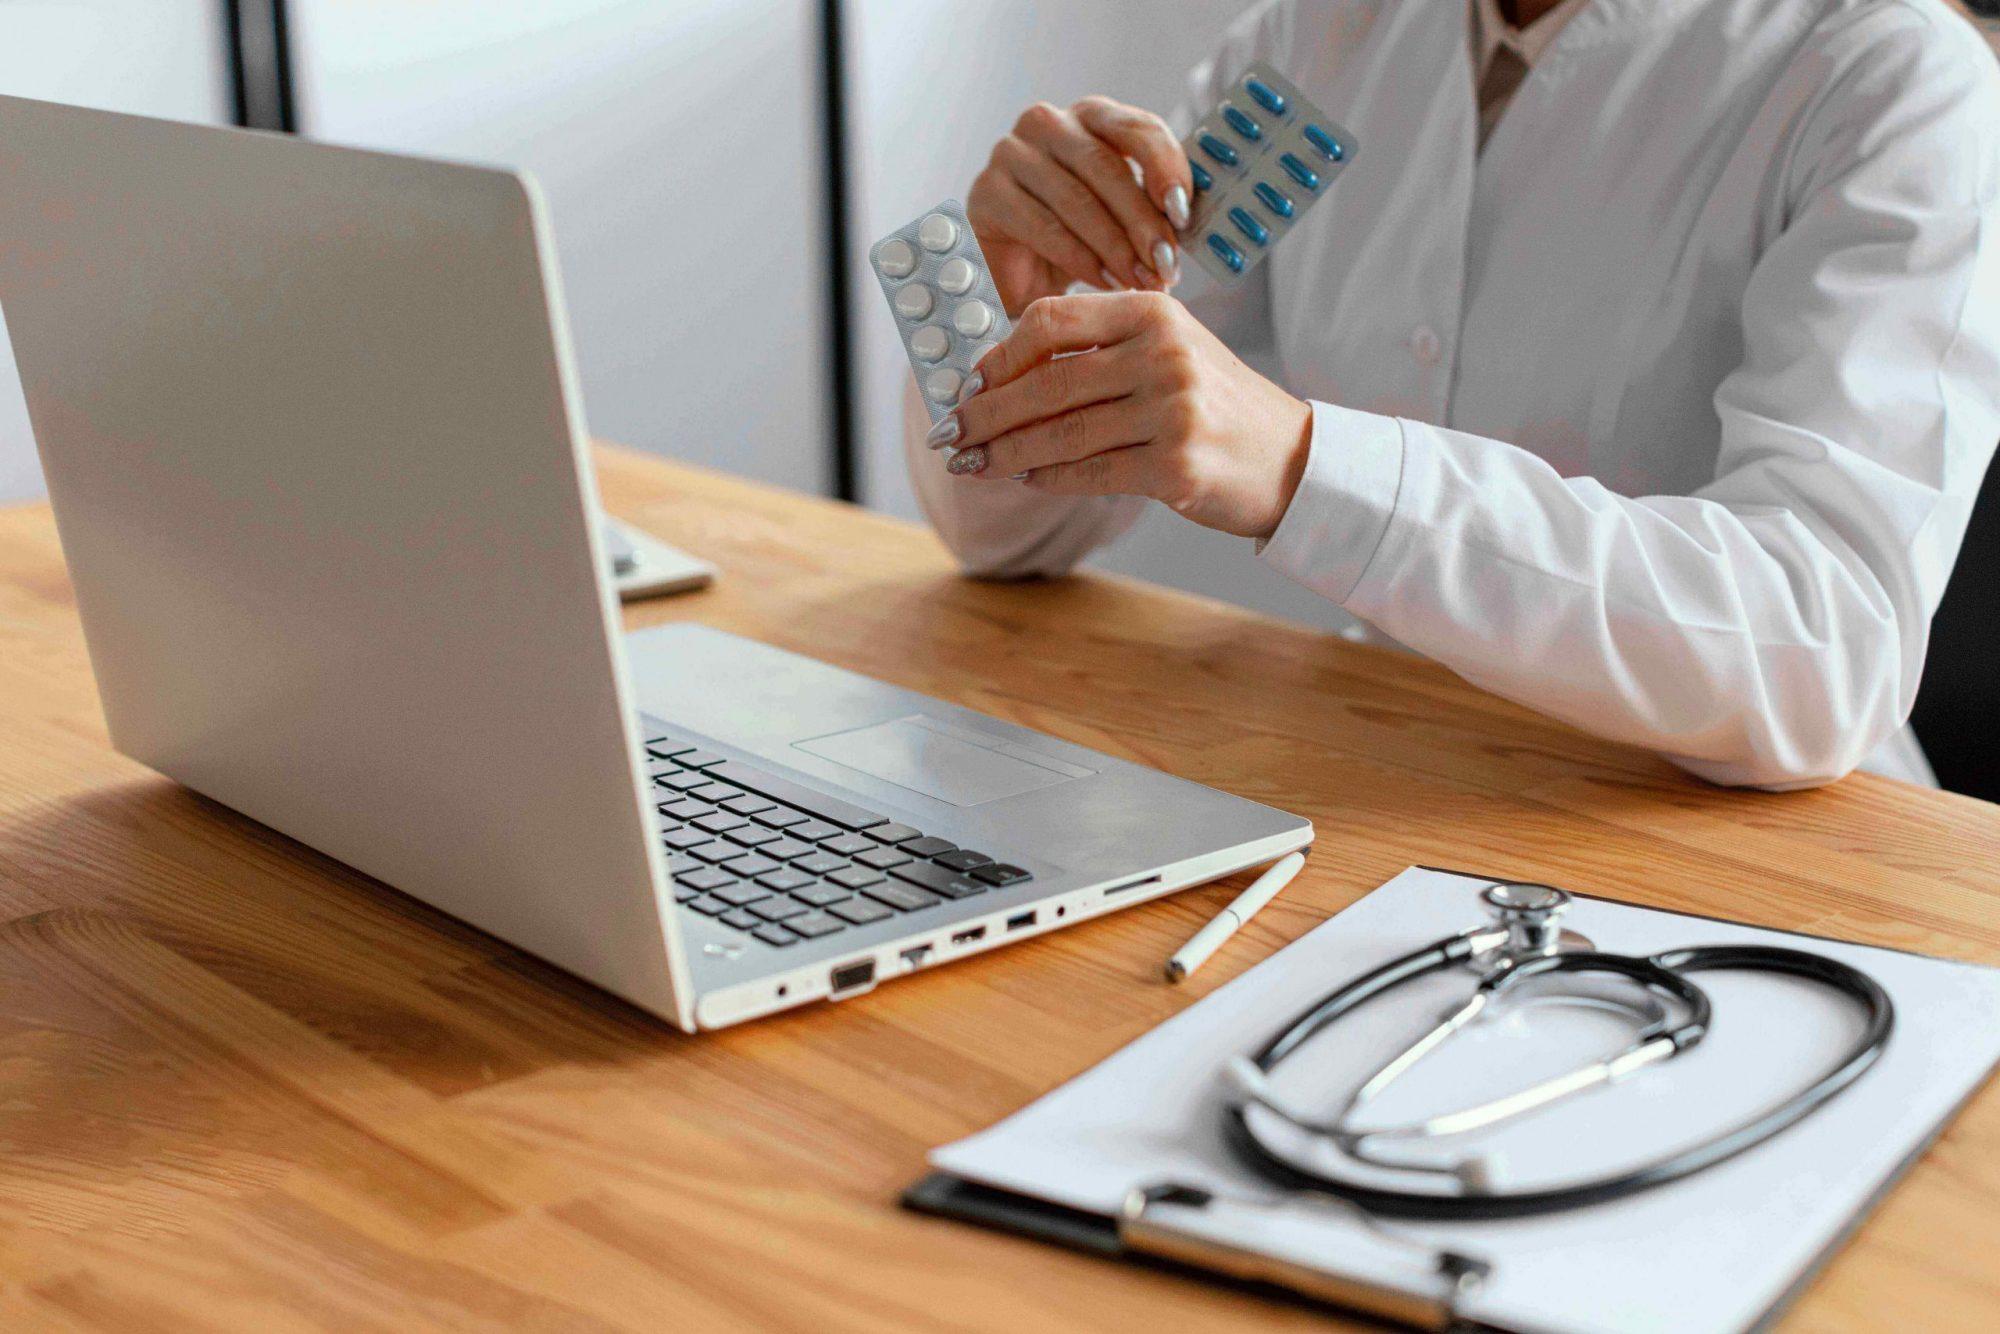 Dottore Online Visita medica Pillole Telemedicina Consulto online